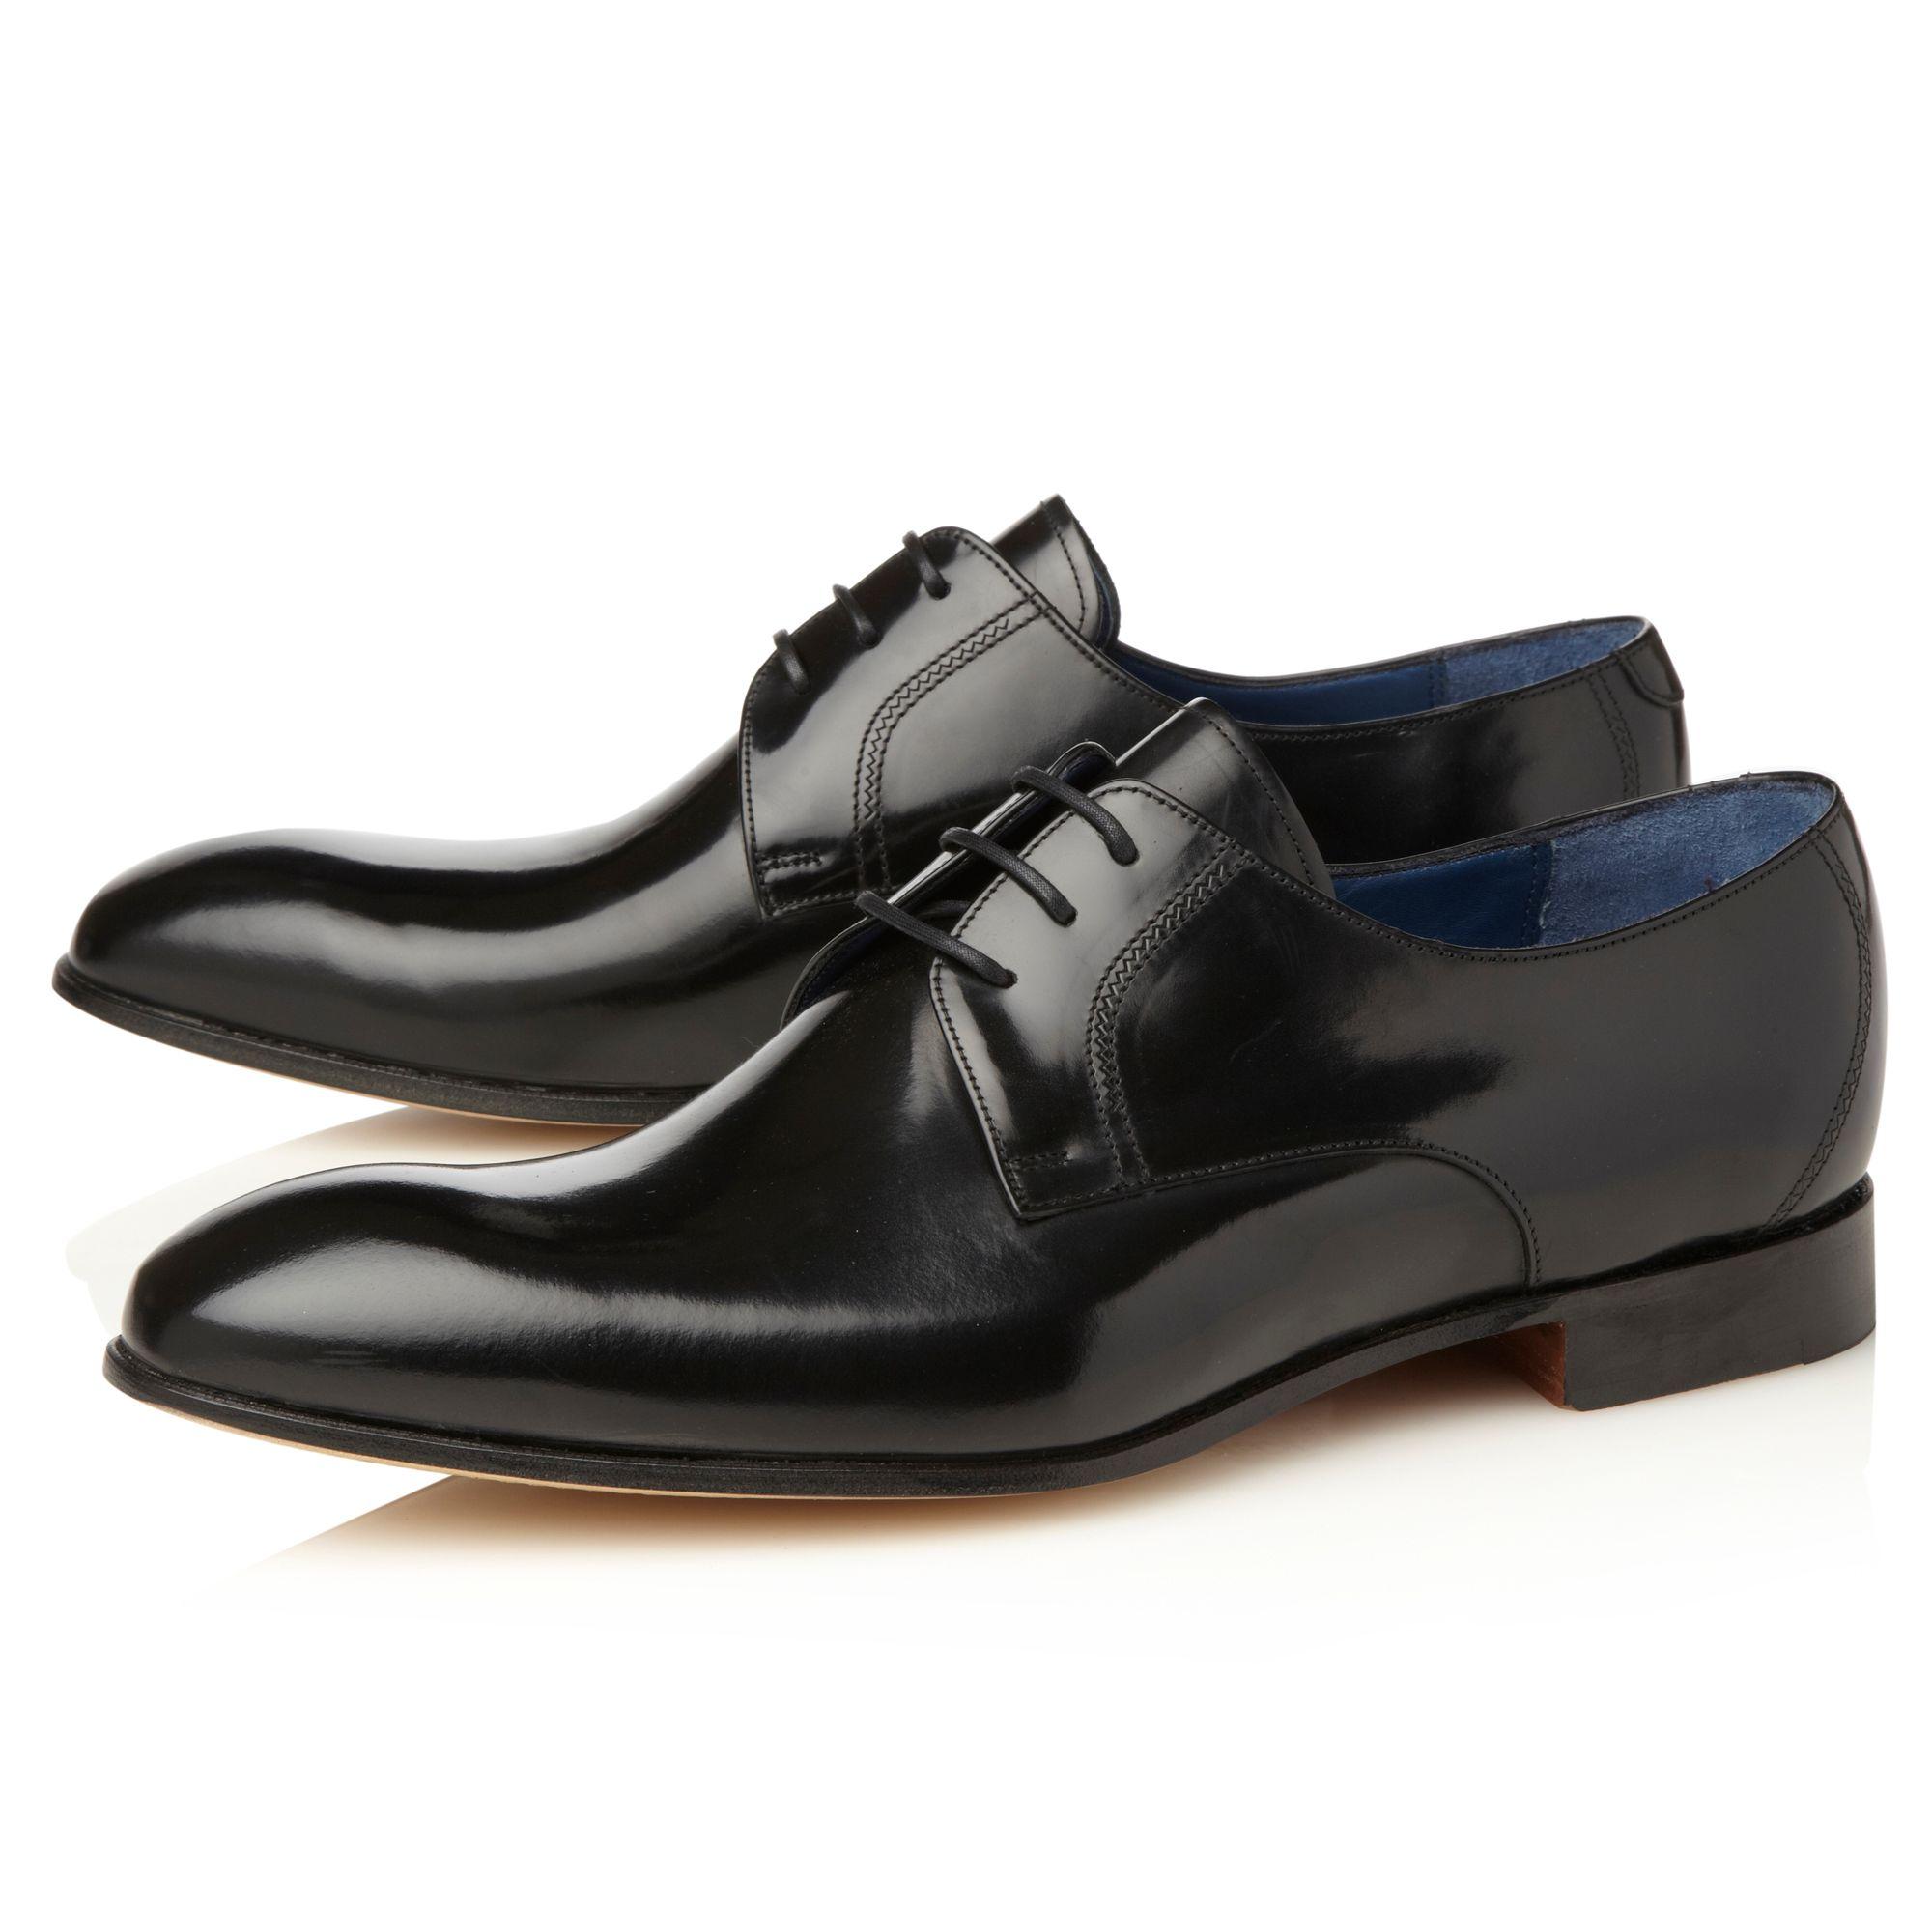 barker rutherford hi shine formal shoes in black for